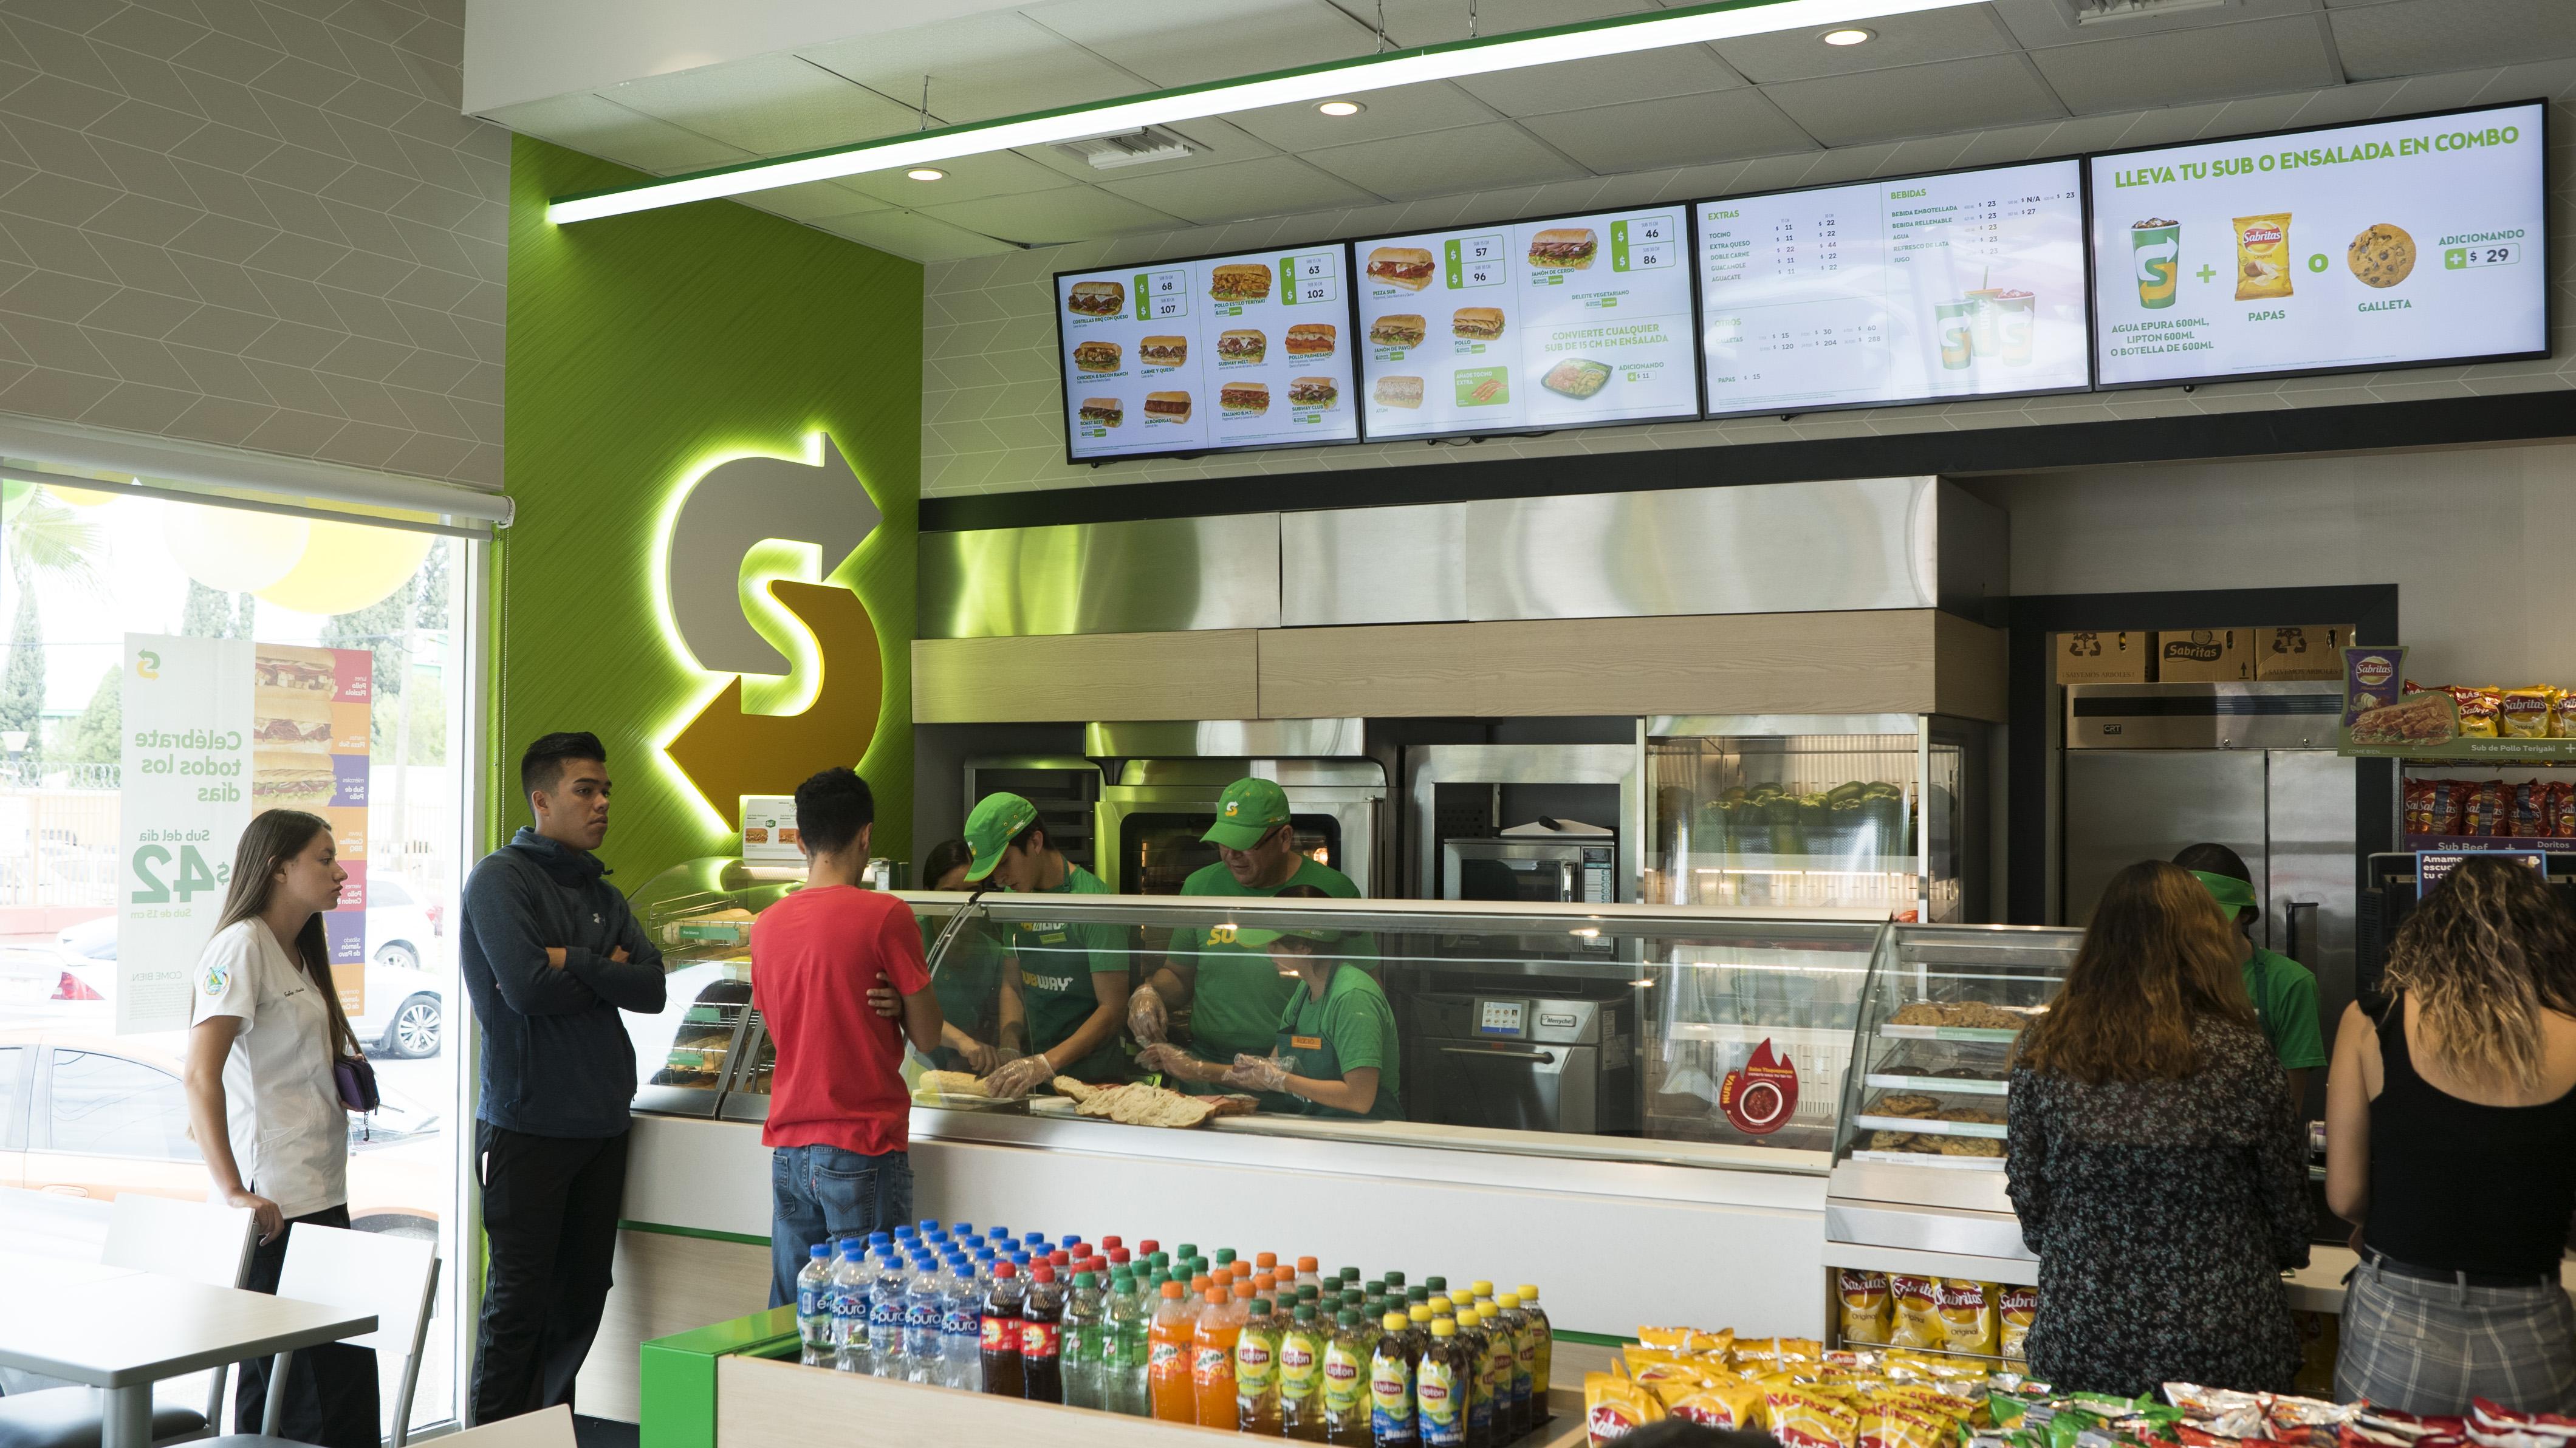 Subway 'enchula' sus unidades y planea abrir 50 más